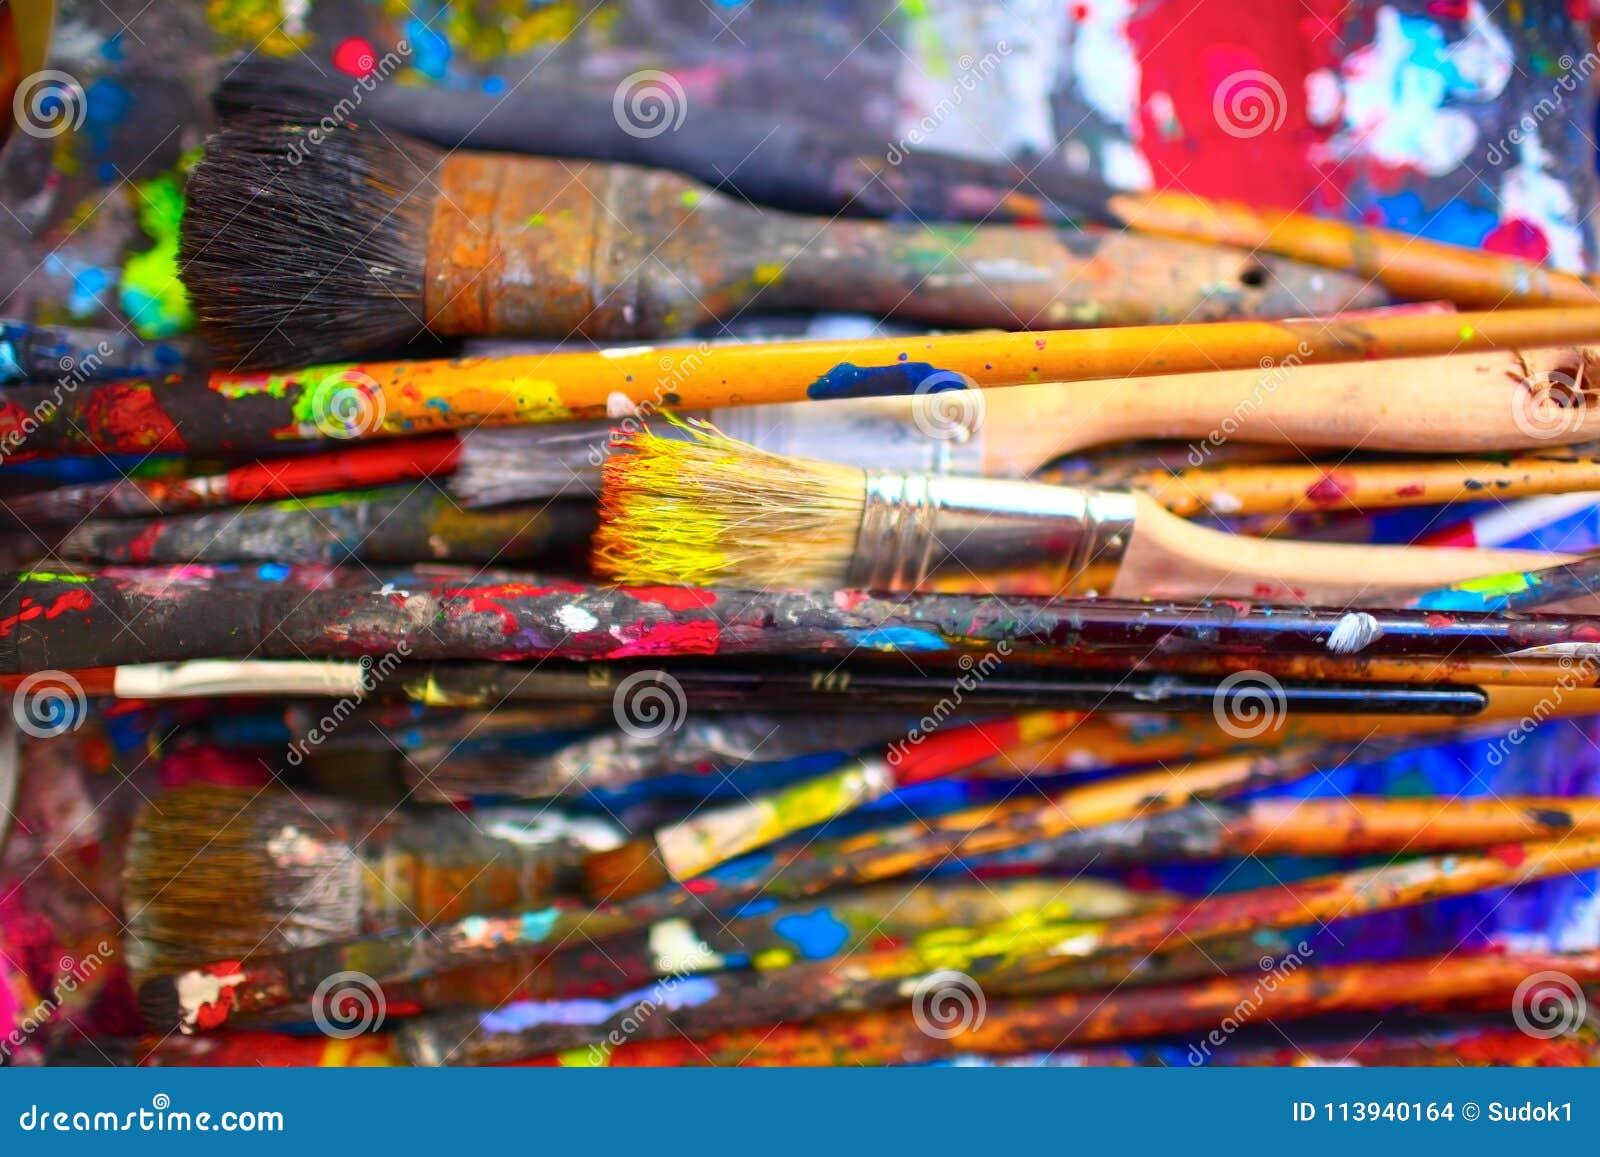 De verfborstels van verschillende die grootte, door levendige kleuren worden bevlekt, sluiten